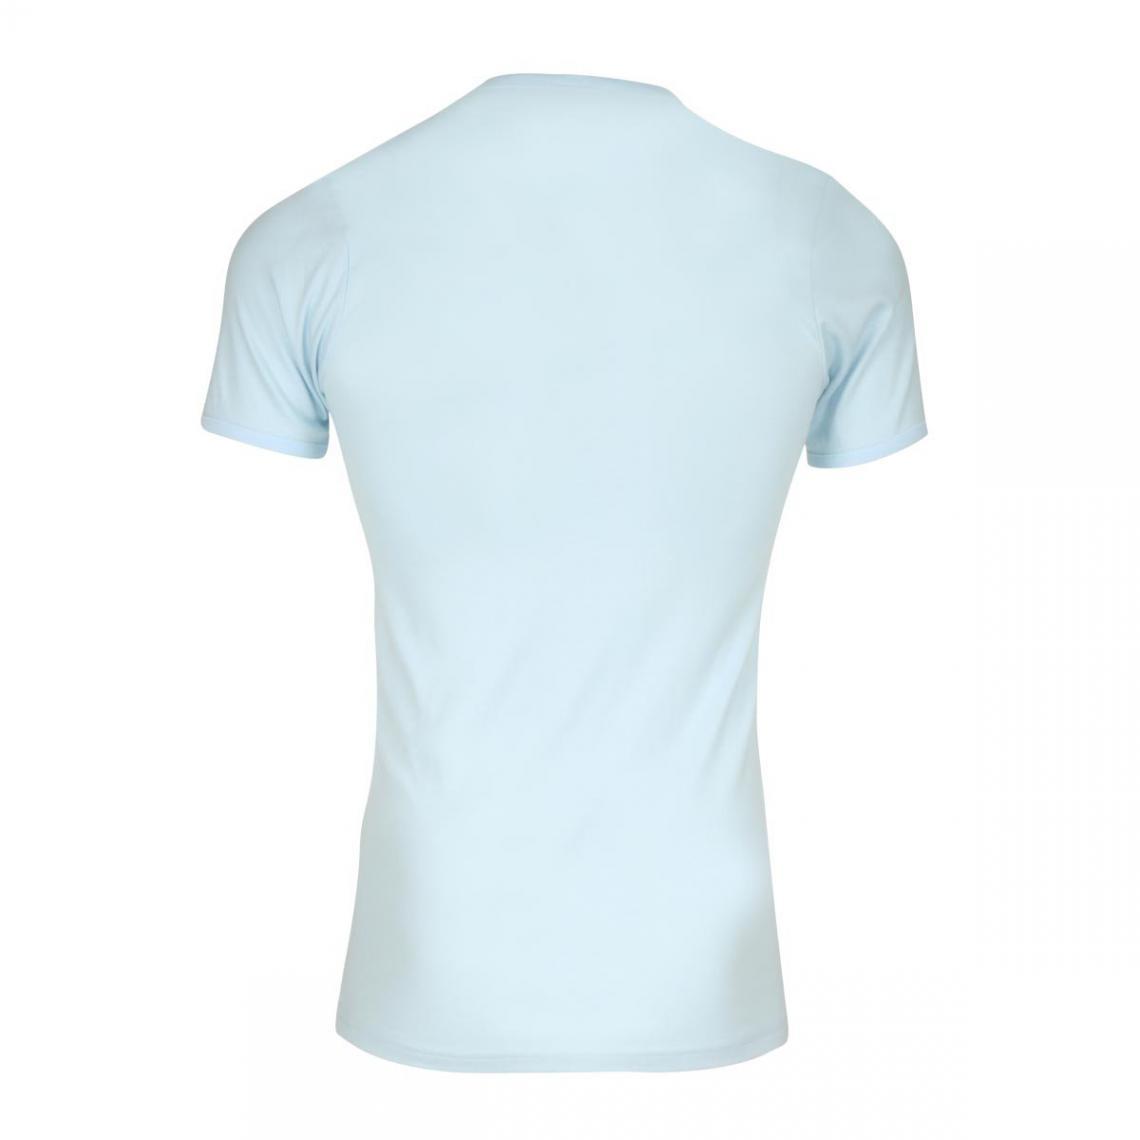 Lot de 2 T shirts col rond coton homme Éminence Bleu Ciel 6 Avis Plus de détails